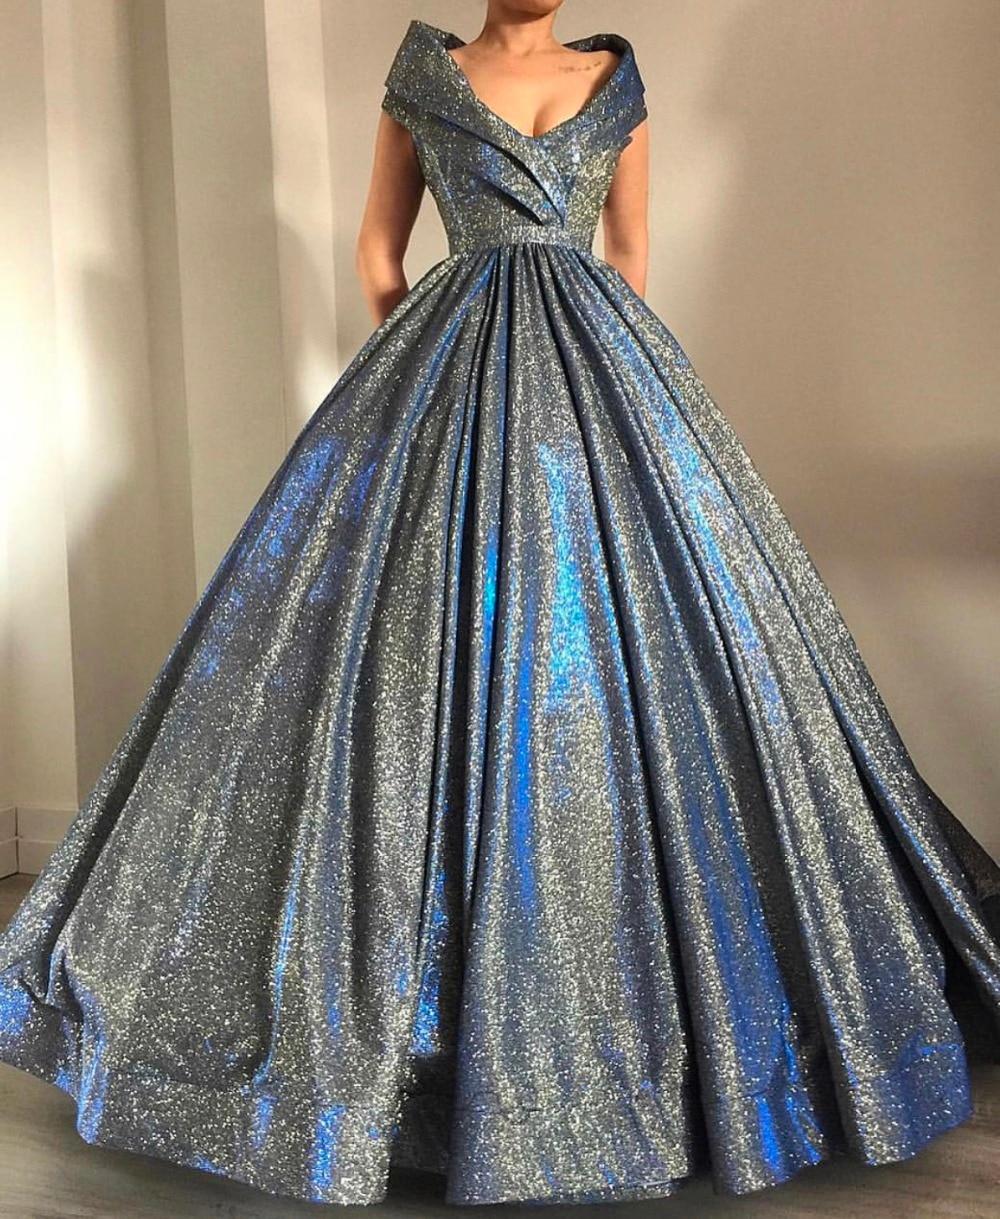 최고의 품질 최신 얇은 명주 그물 레이스 JIANXI.C 121669 톱질 드레스 5 야드 반짝이 자수 그물 직물-에서레이스부터 홈 & 가든 의  그룹 1